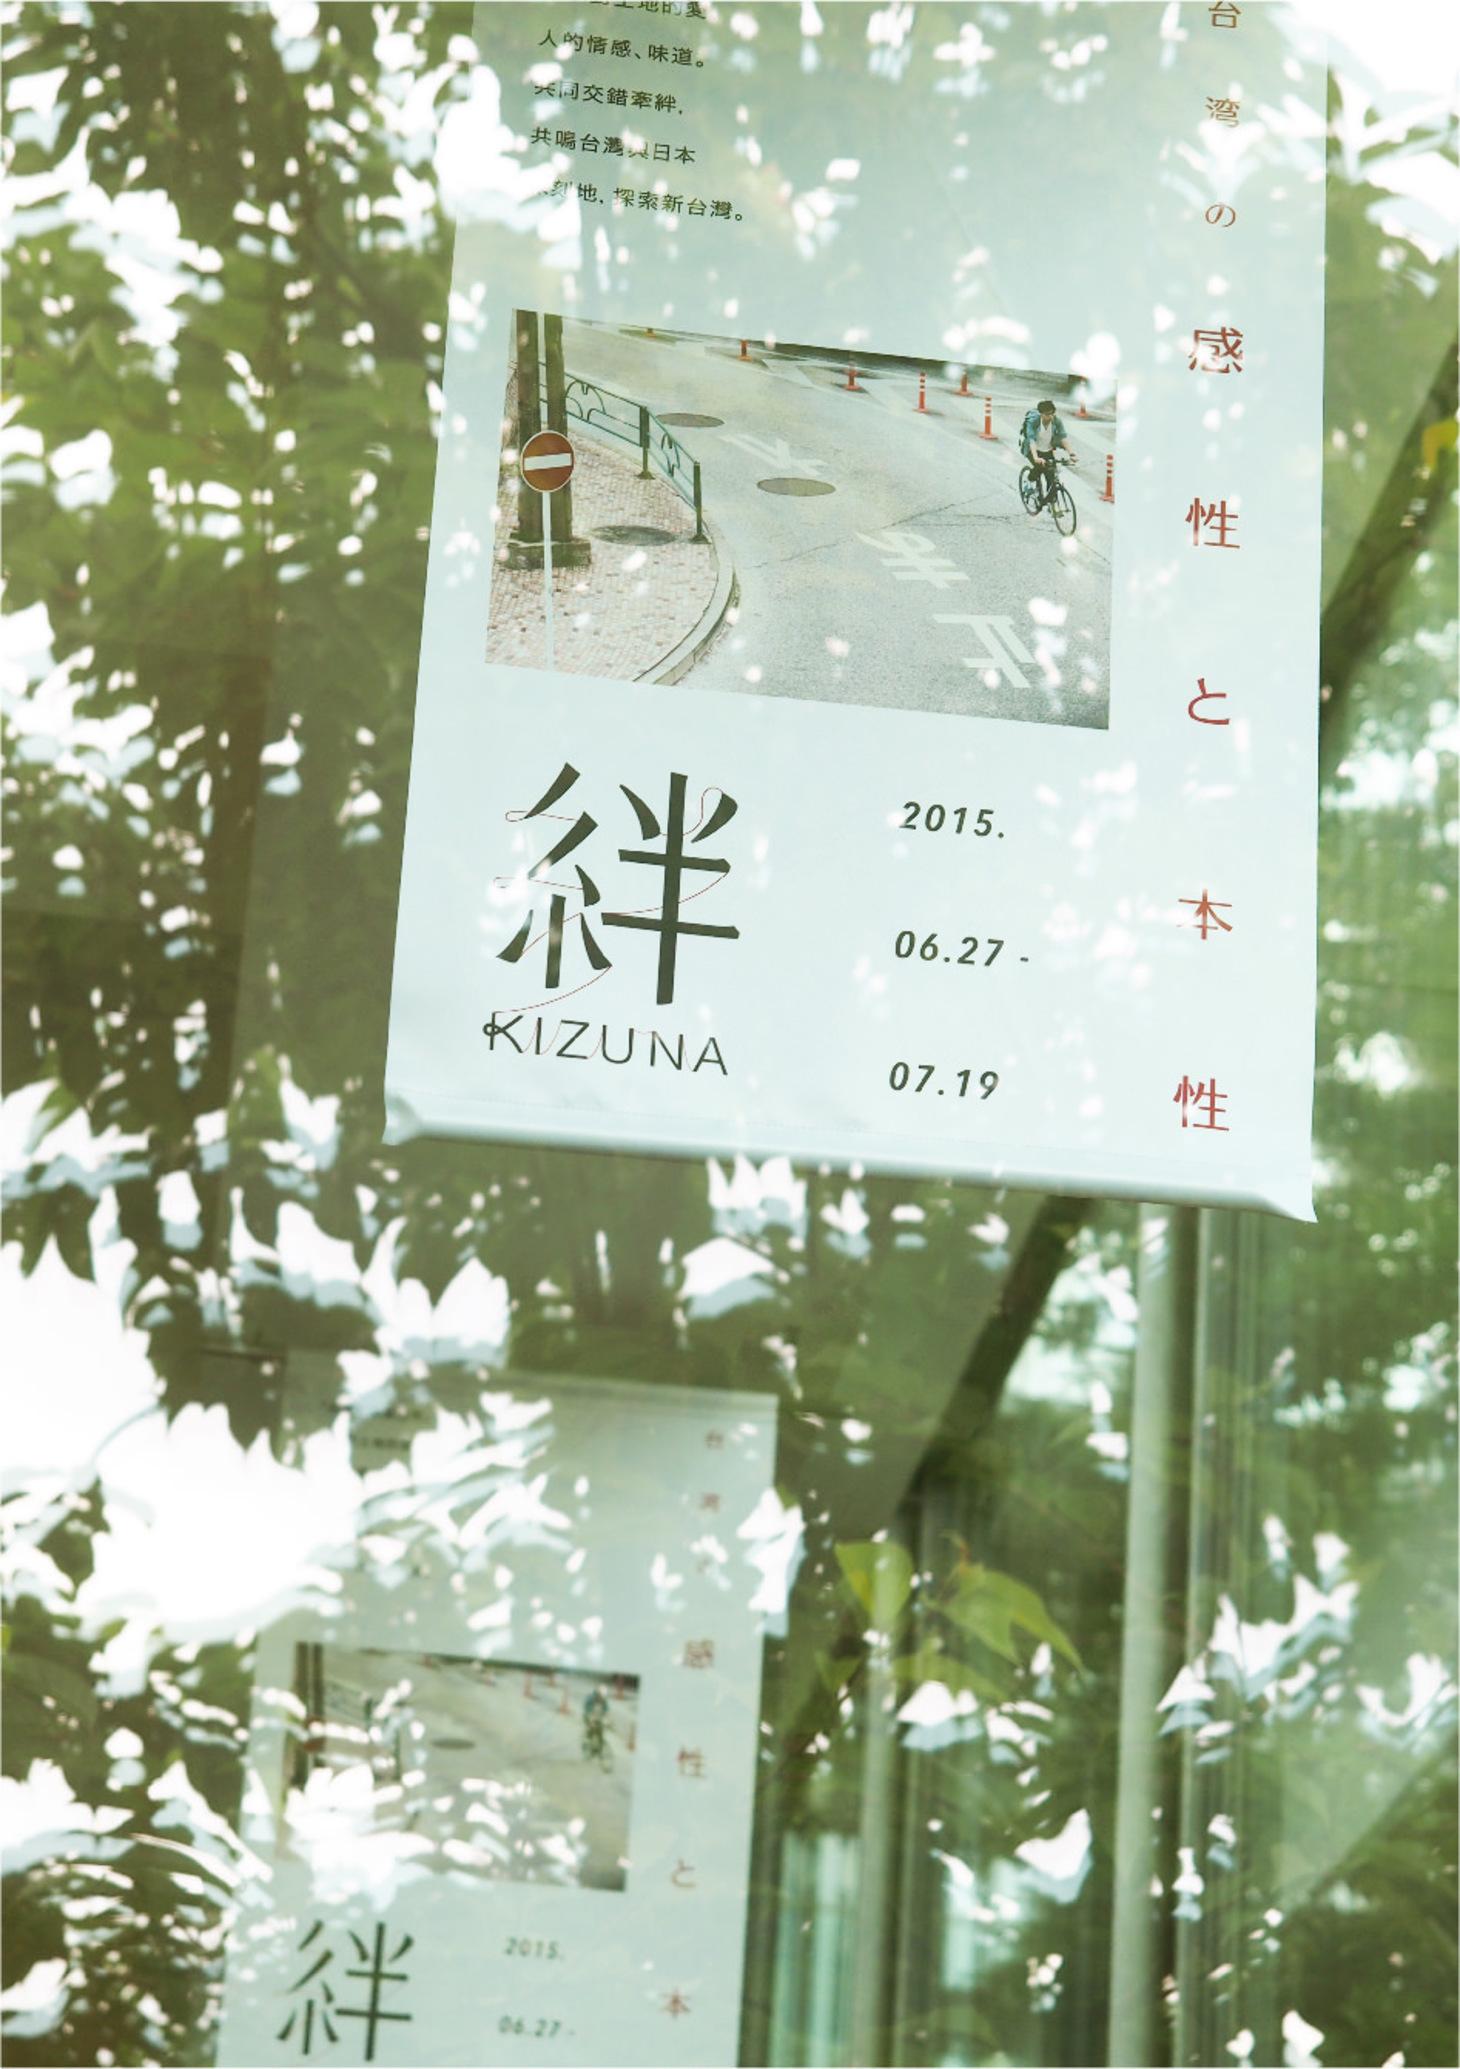 kizuna_04.jpg